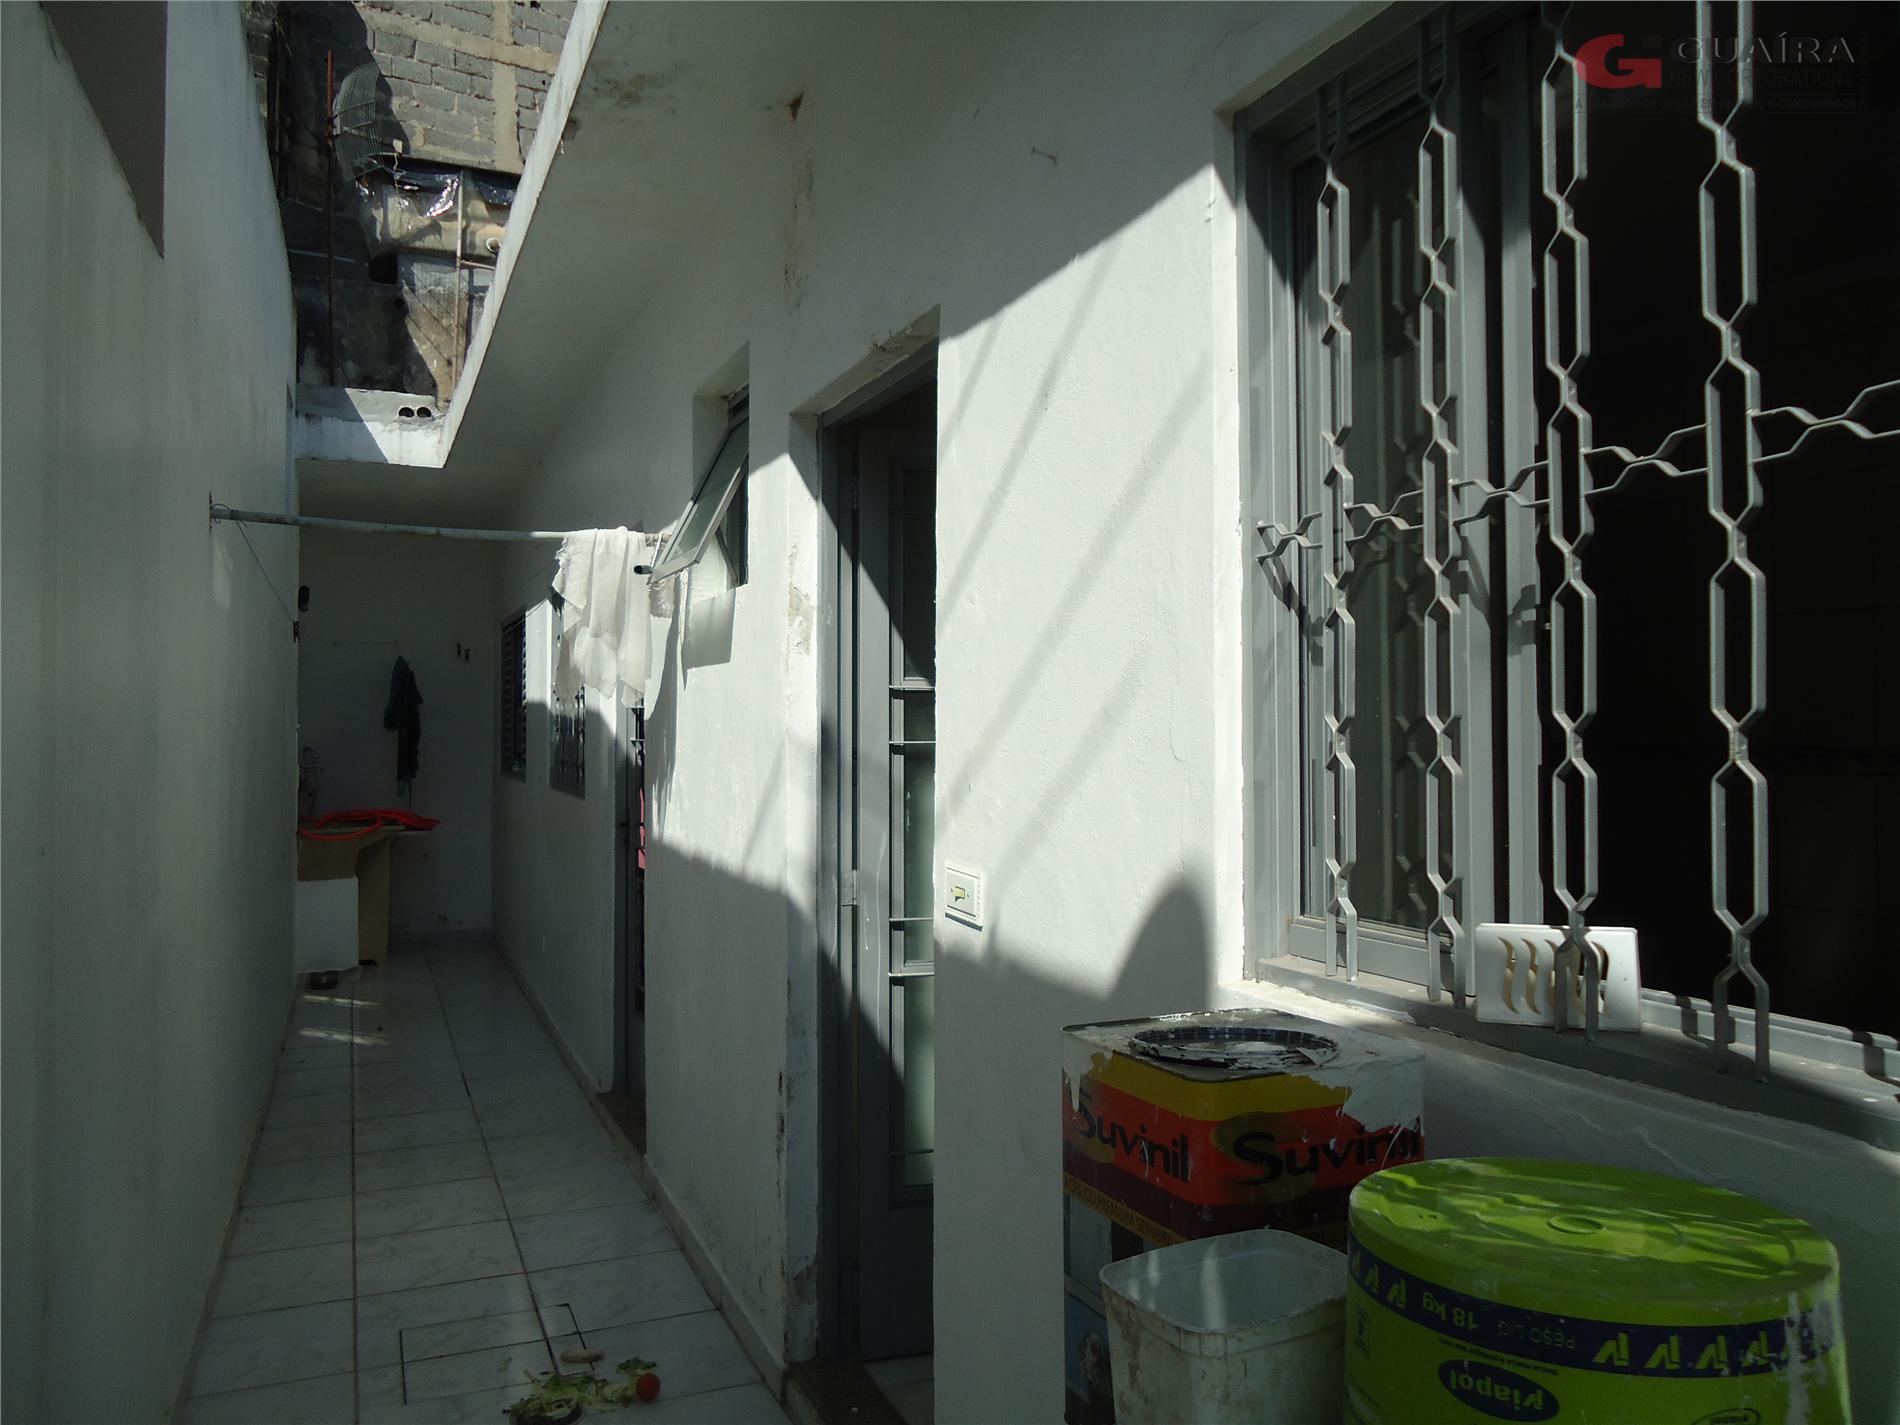 Sobrado de 3 dormitórios à venda em Vila Tibiriçá, Santo André - SP